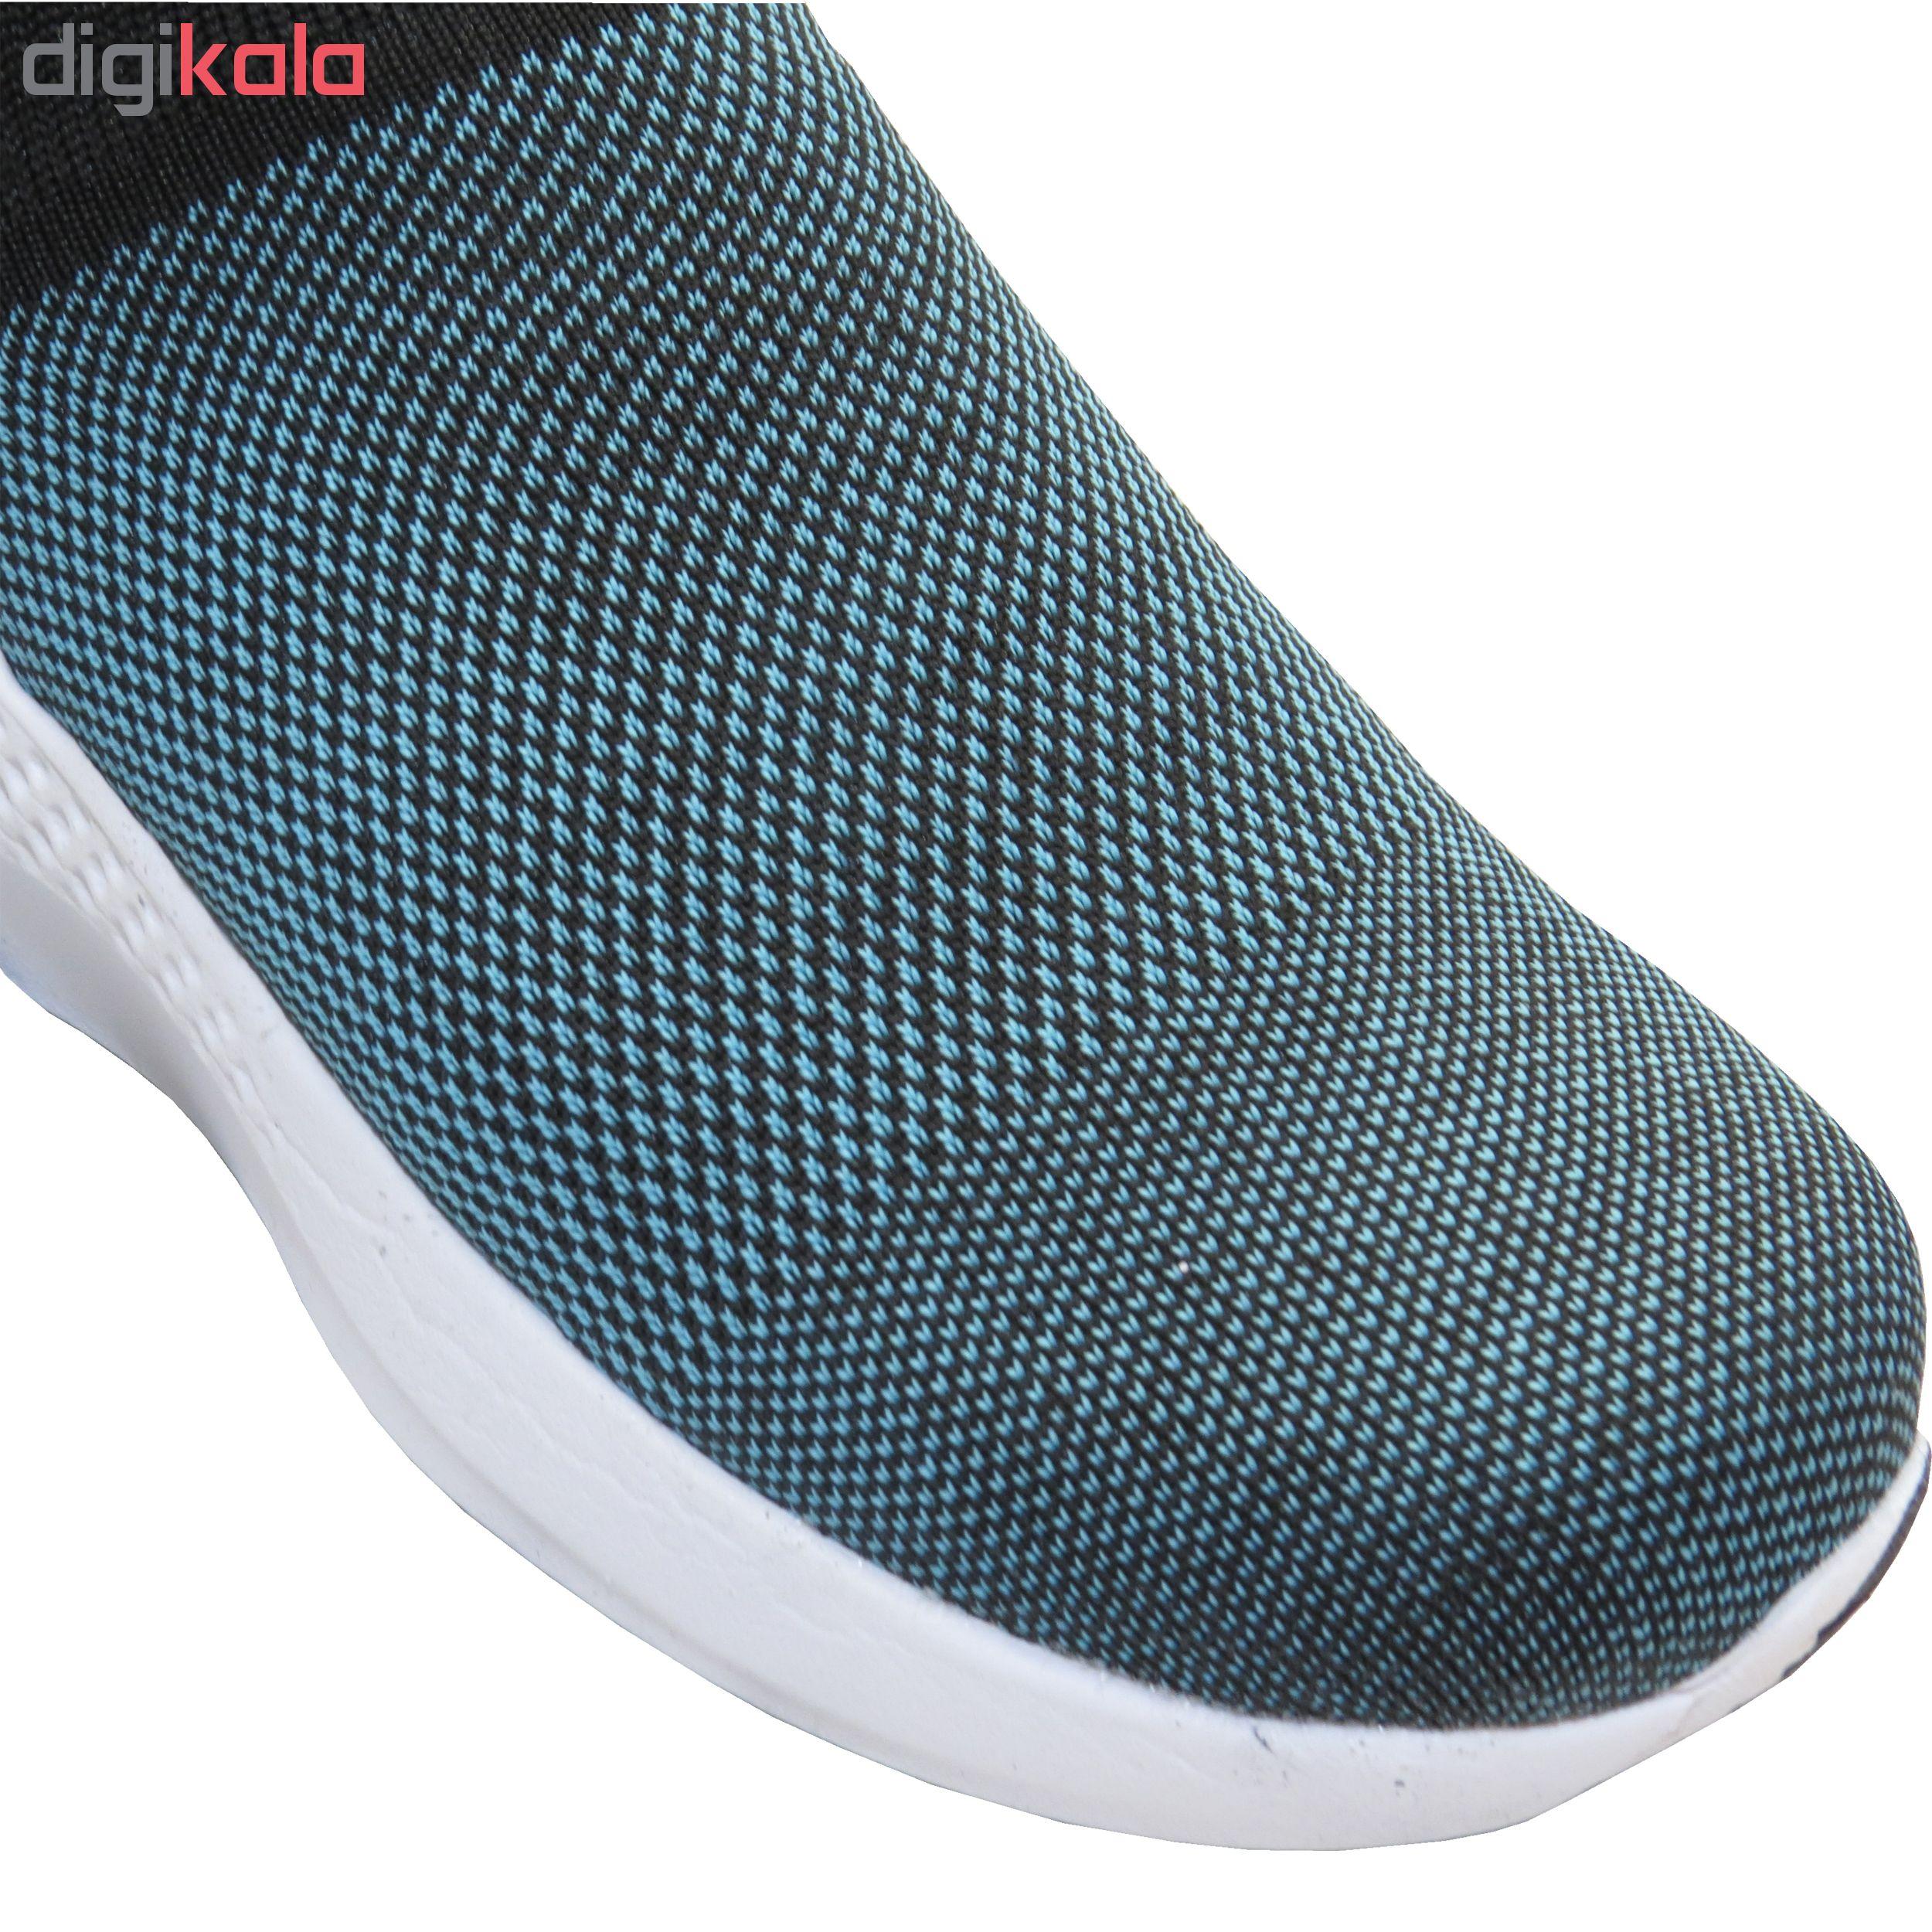 کفش مخصوص پیاده روی مدل Neyshabur